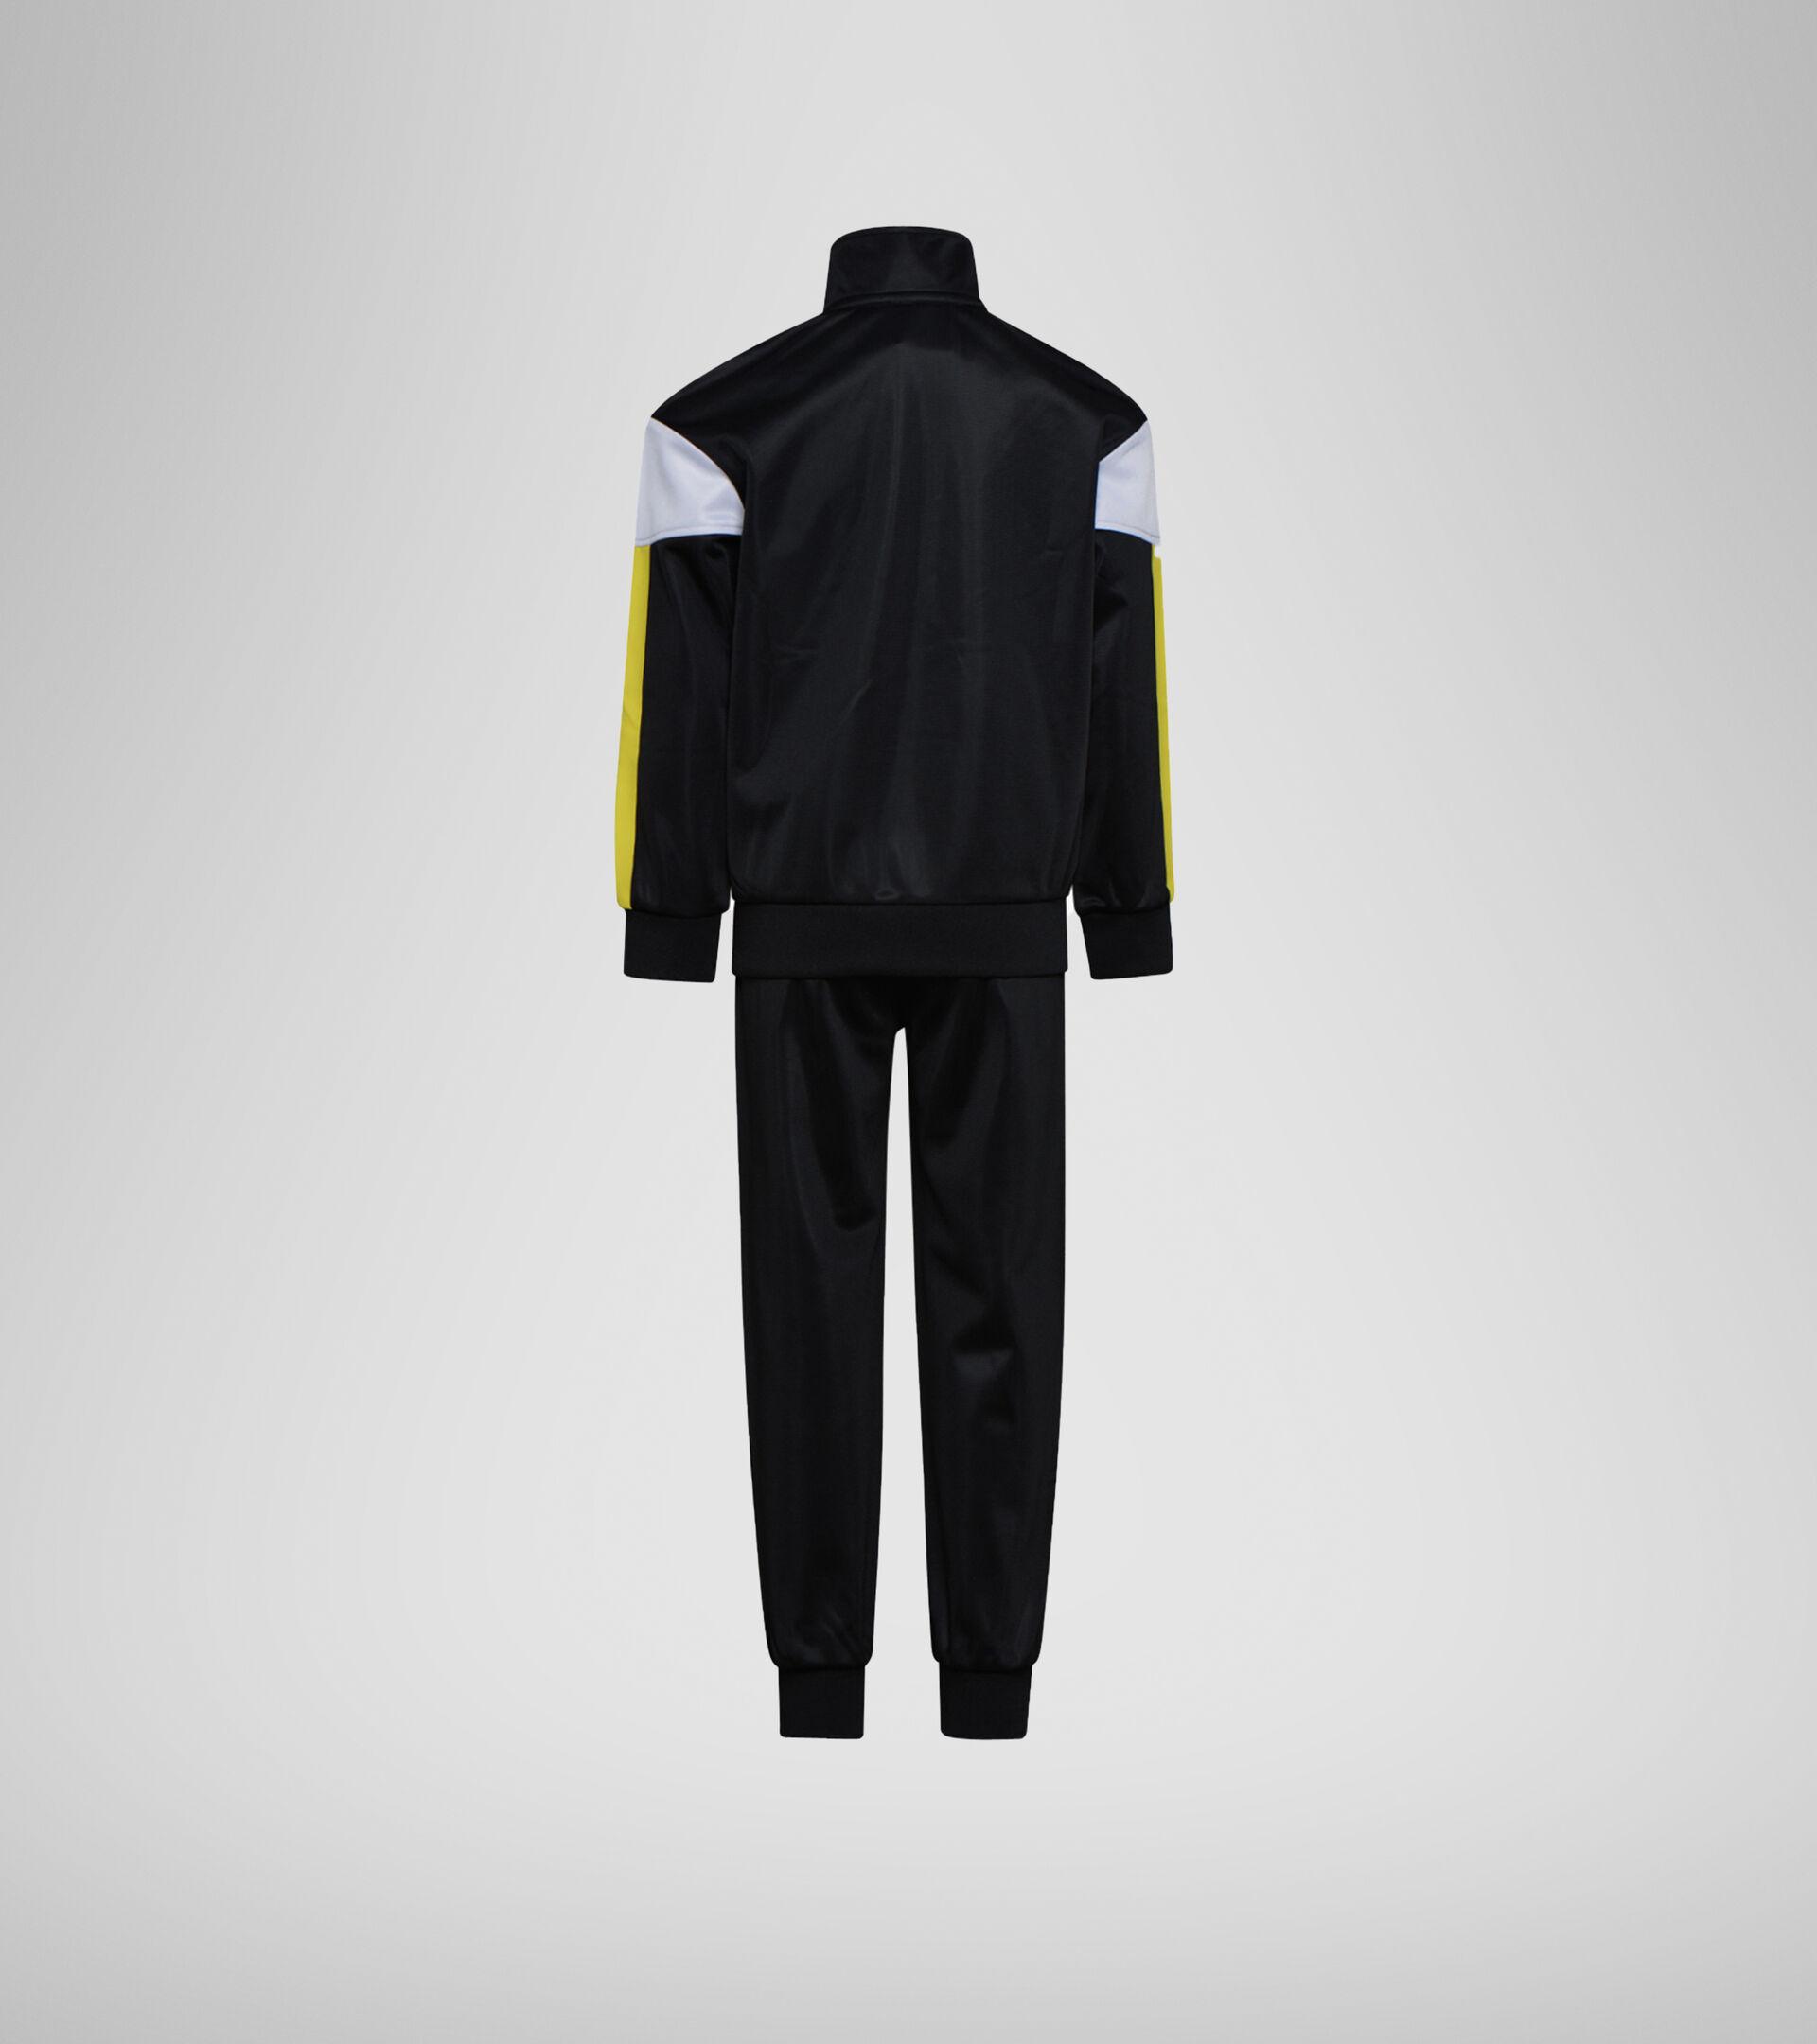 Trainingsanzug - Jungs JB. TRACKSUIT FZ DIADORA CLUB SCHWARZ - Diadora